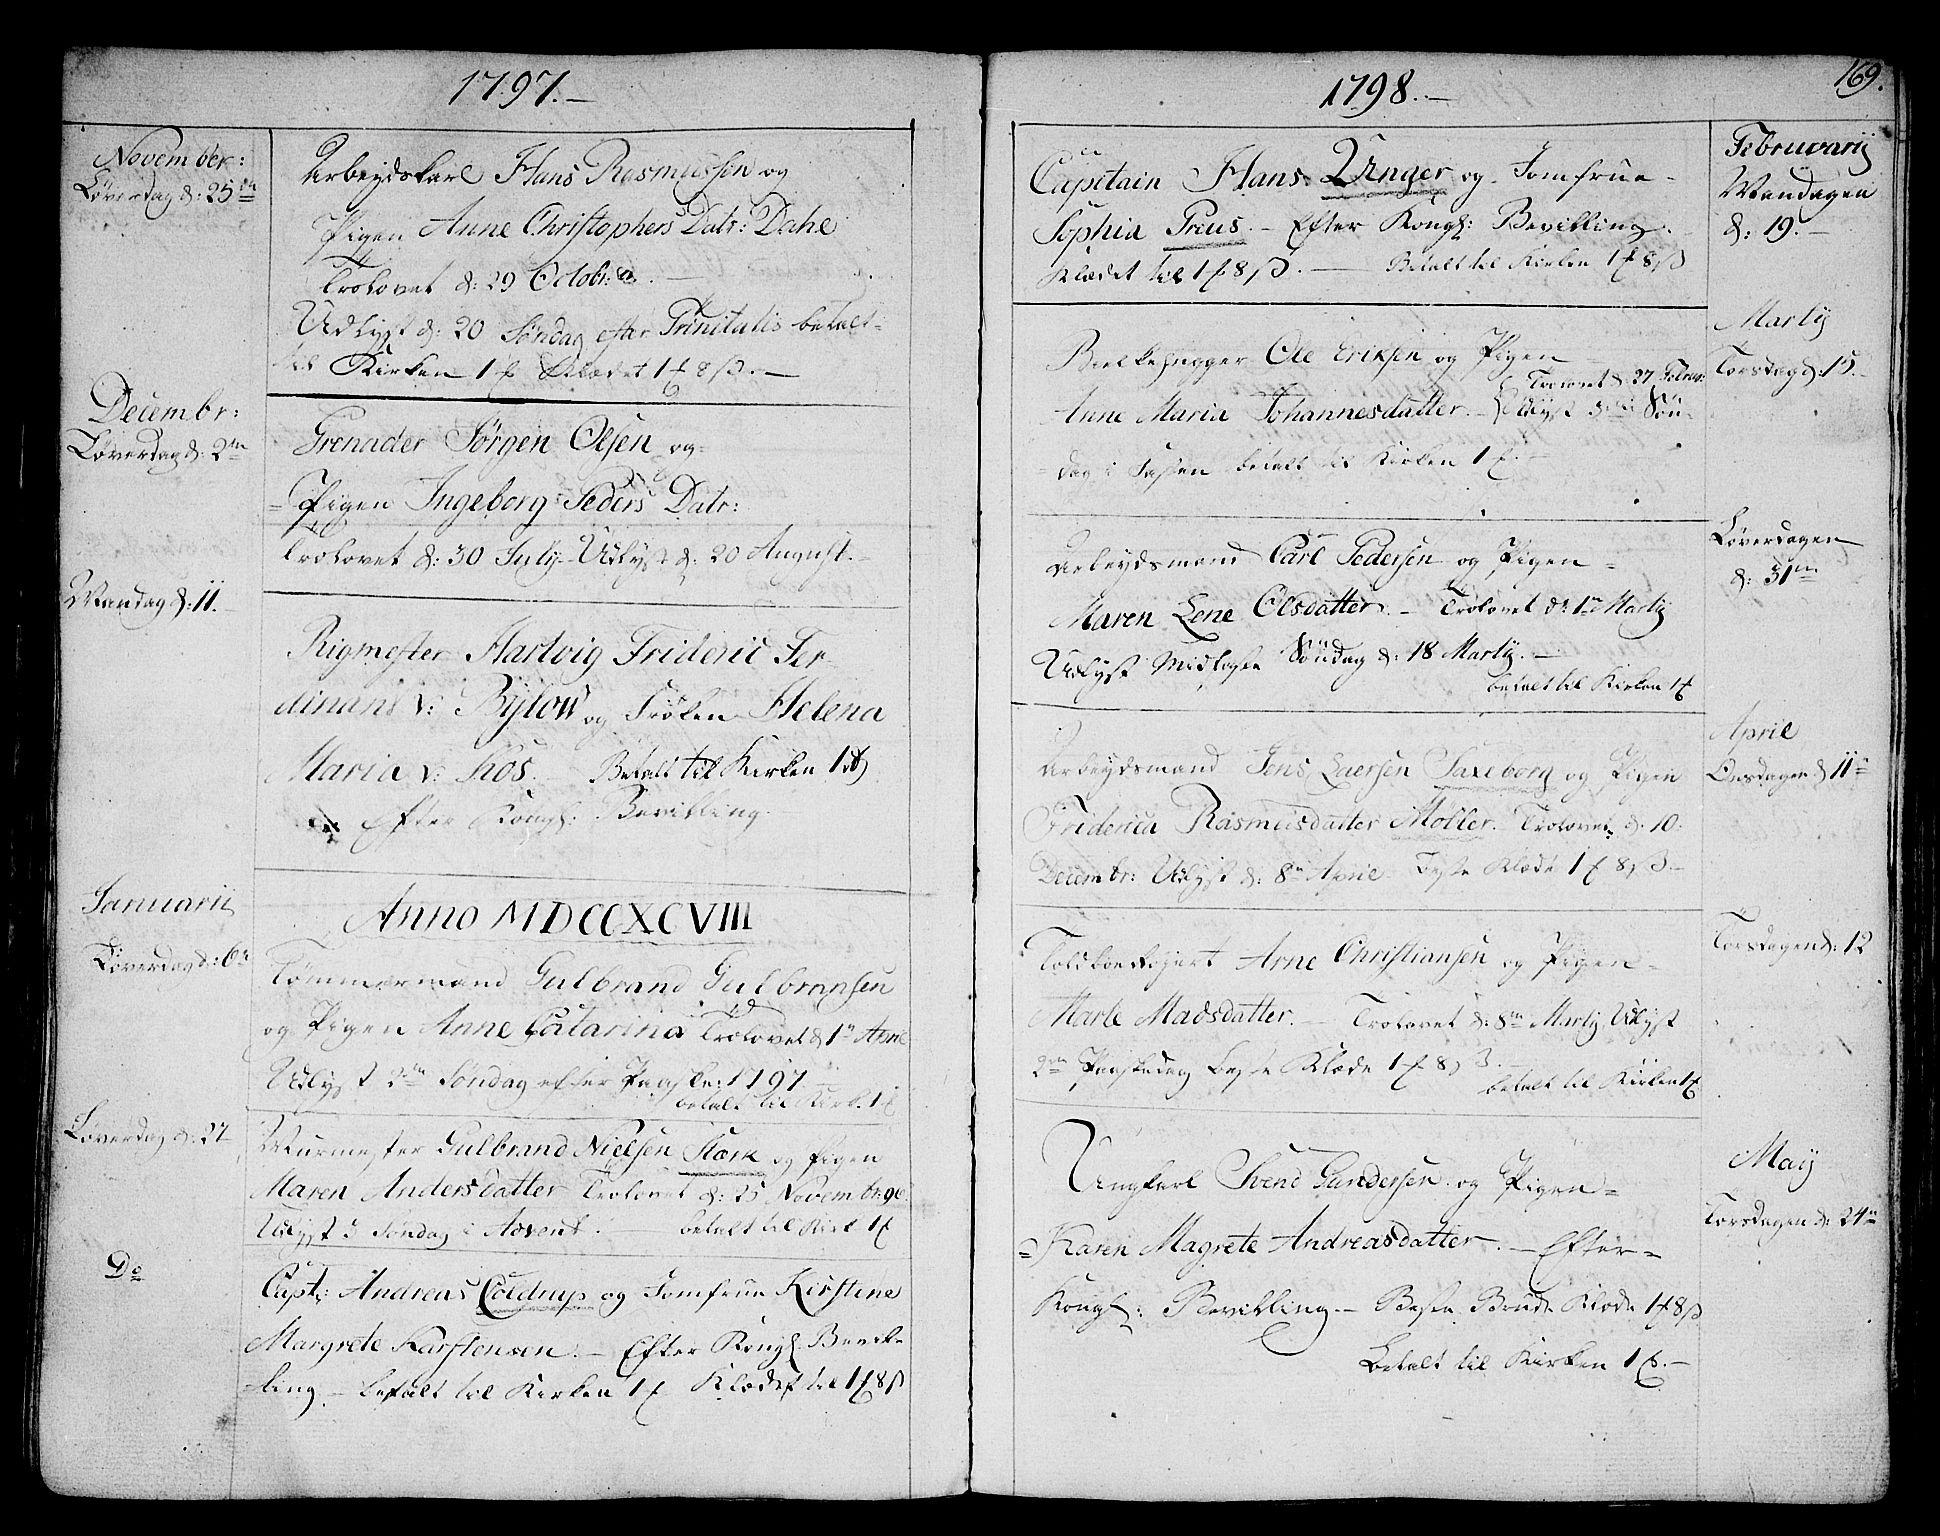 SAKO, Strømsø kirkebøker, F/Fa/L0010: Ministerialbok nr. I 10, 1792-1822, s. 169